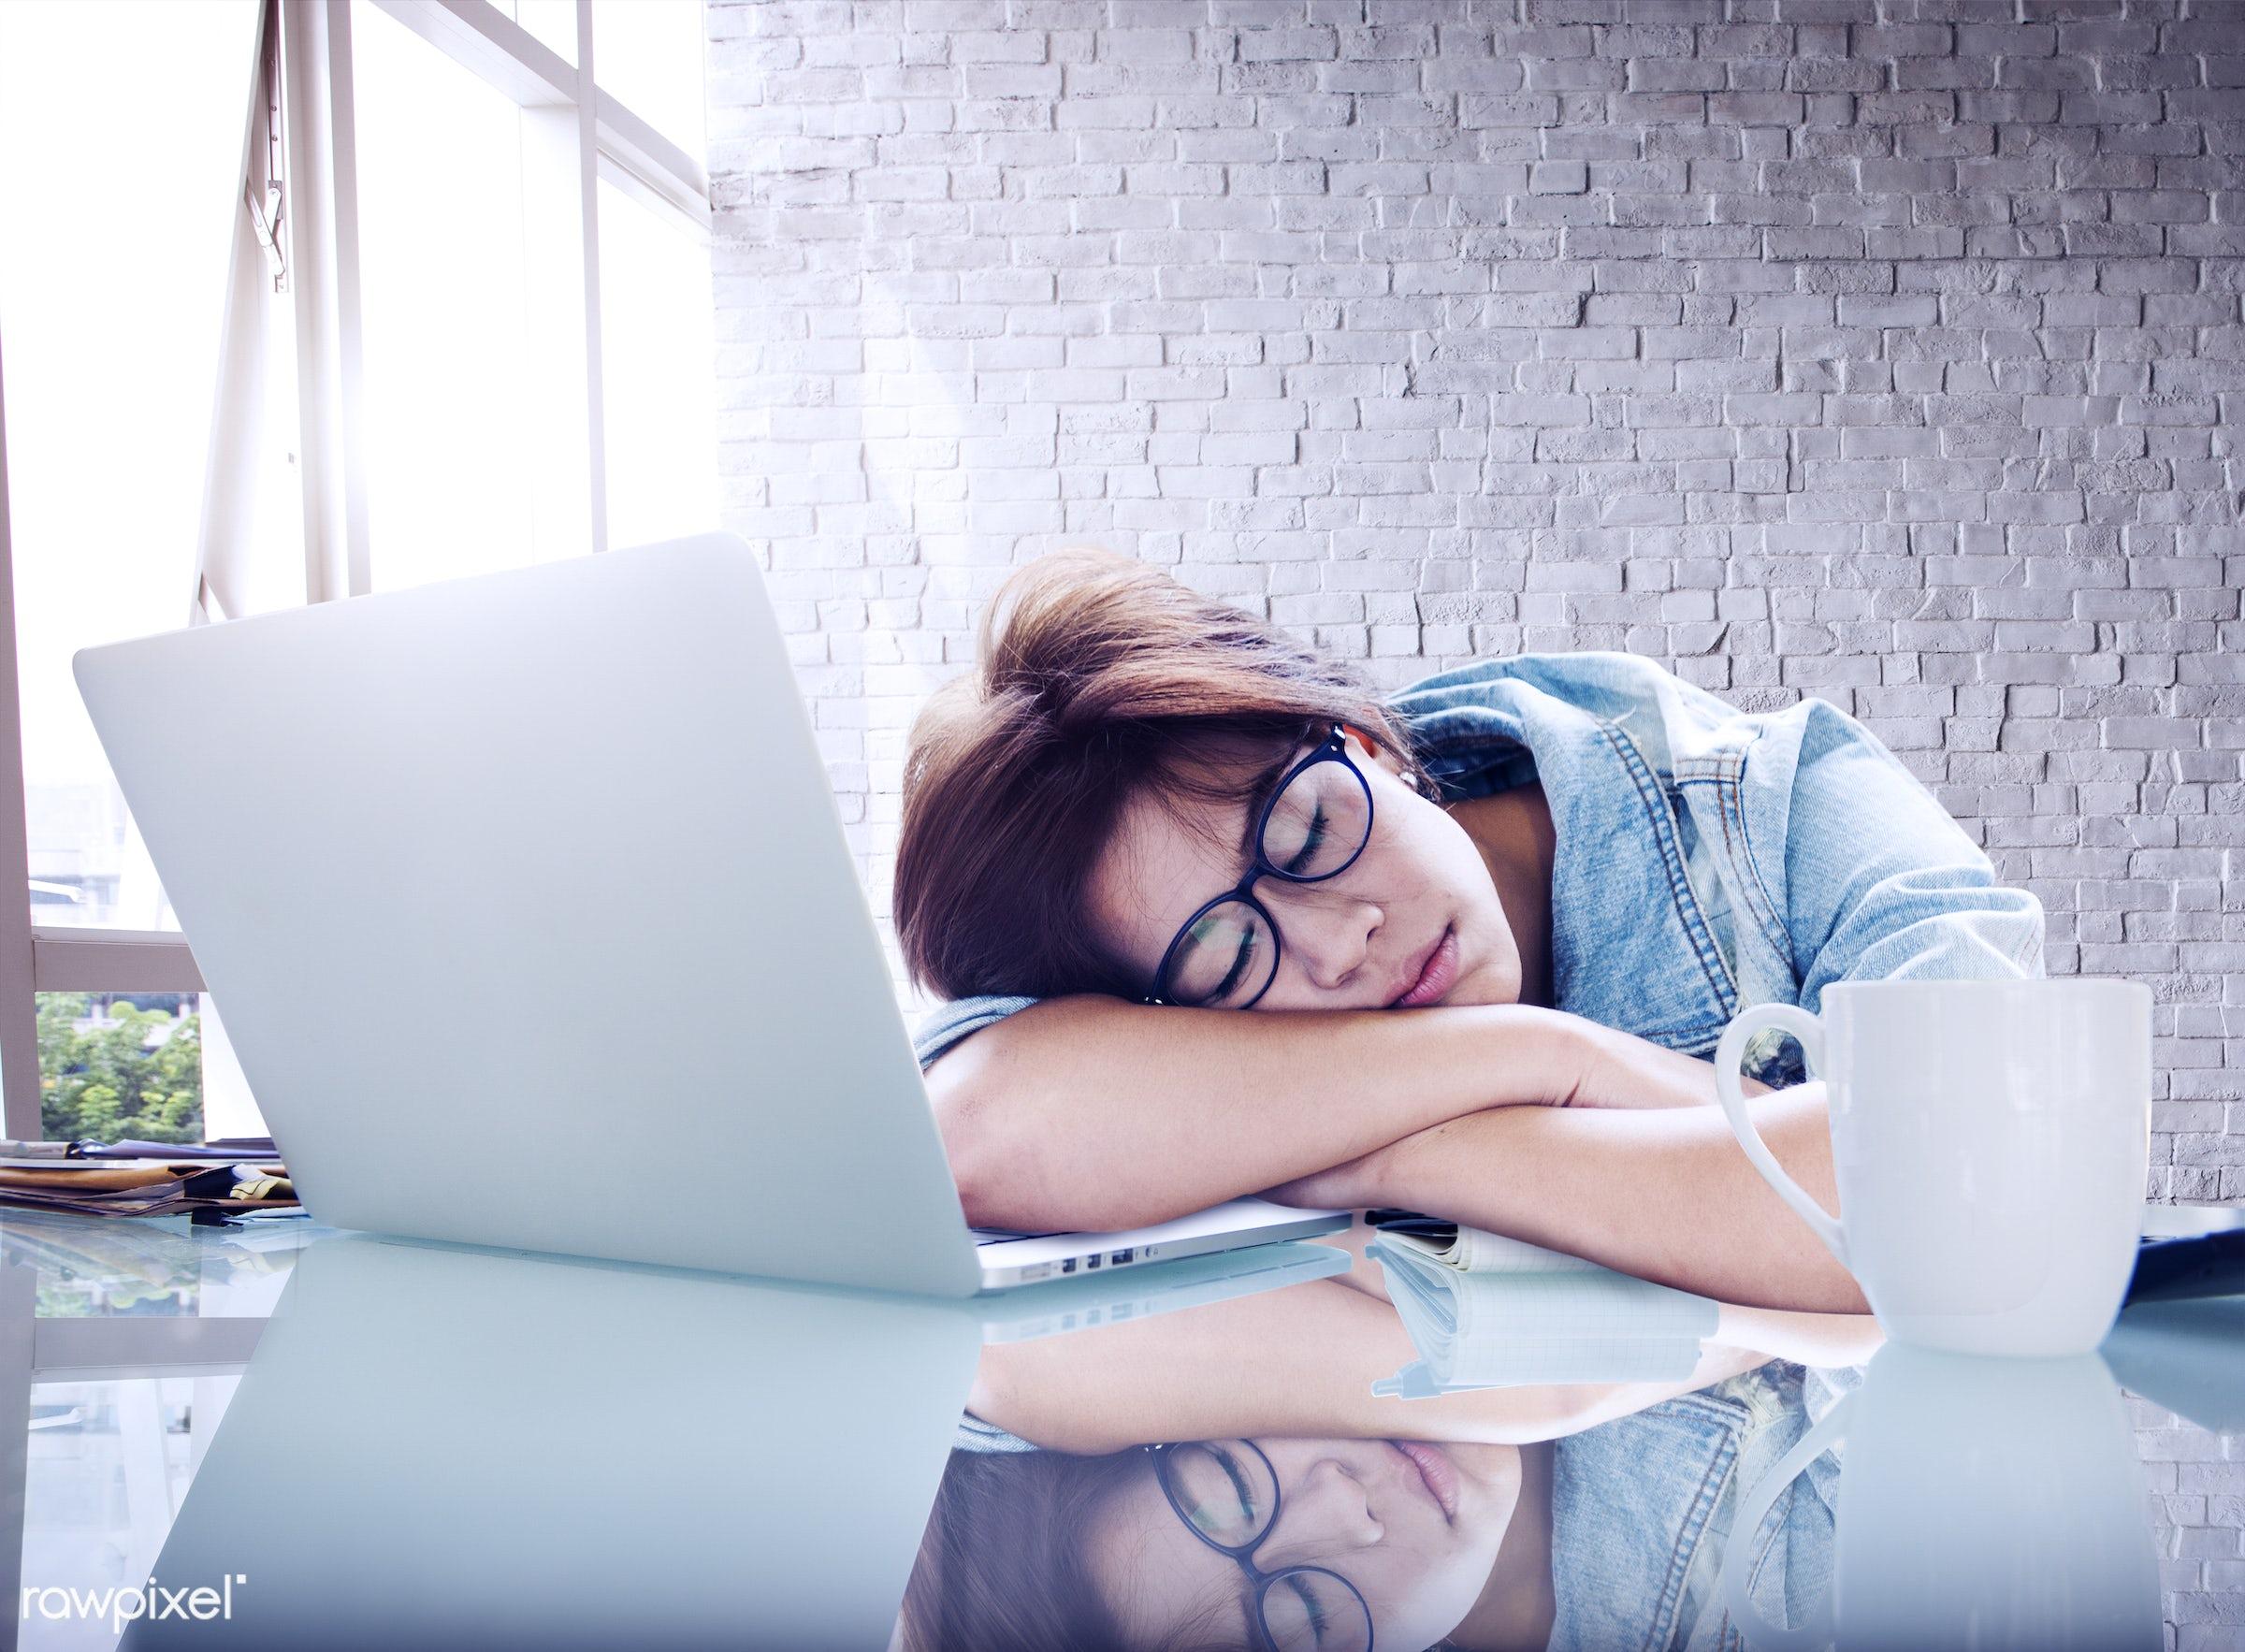 attractive, beautiful, bored, boredom, break, brick, brick wall, business woman, businesswoman, casual, computer, cute, desk...